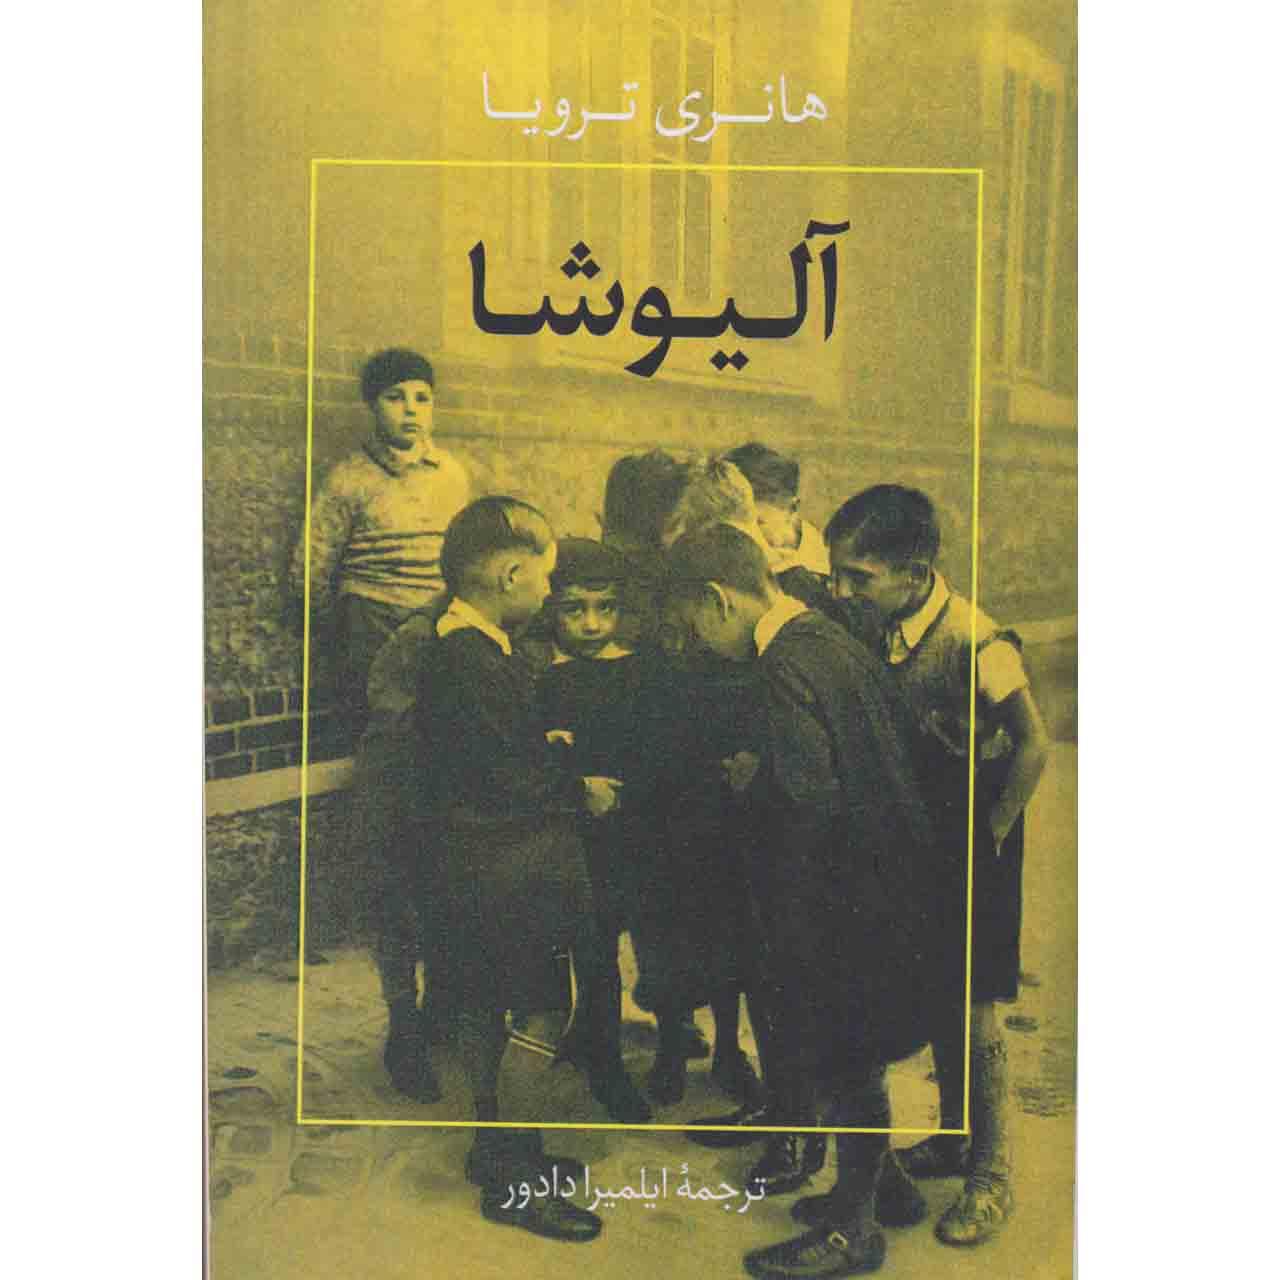 کتاب آلیوشا اثر ایلمیرا دادور نشر خاموش